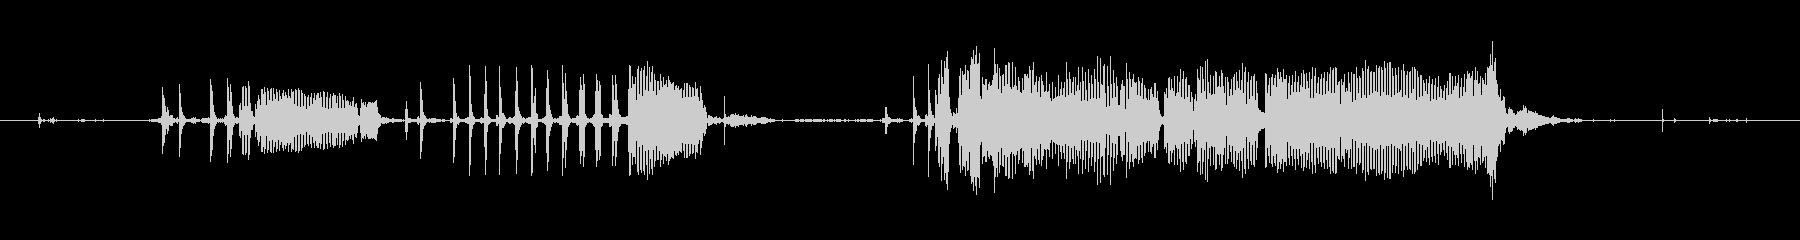 犬 チワワグロールスタッター04の未再生の波形